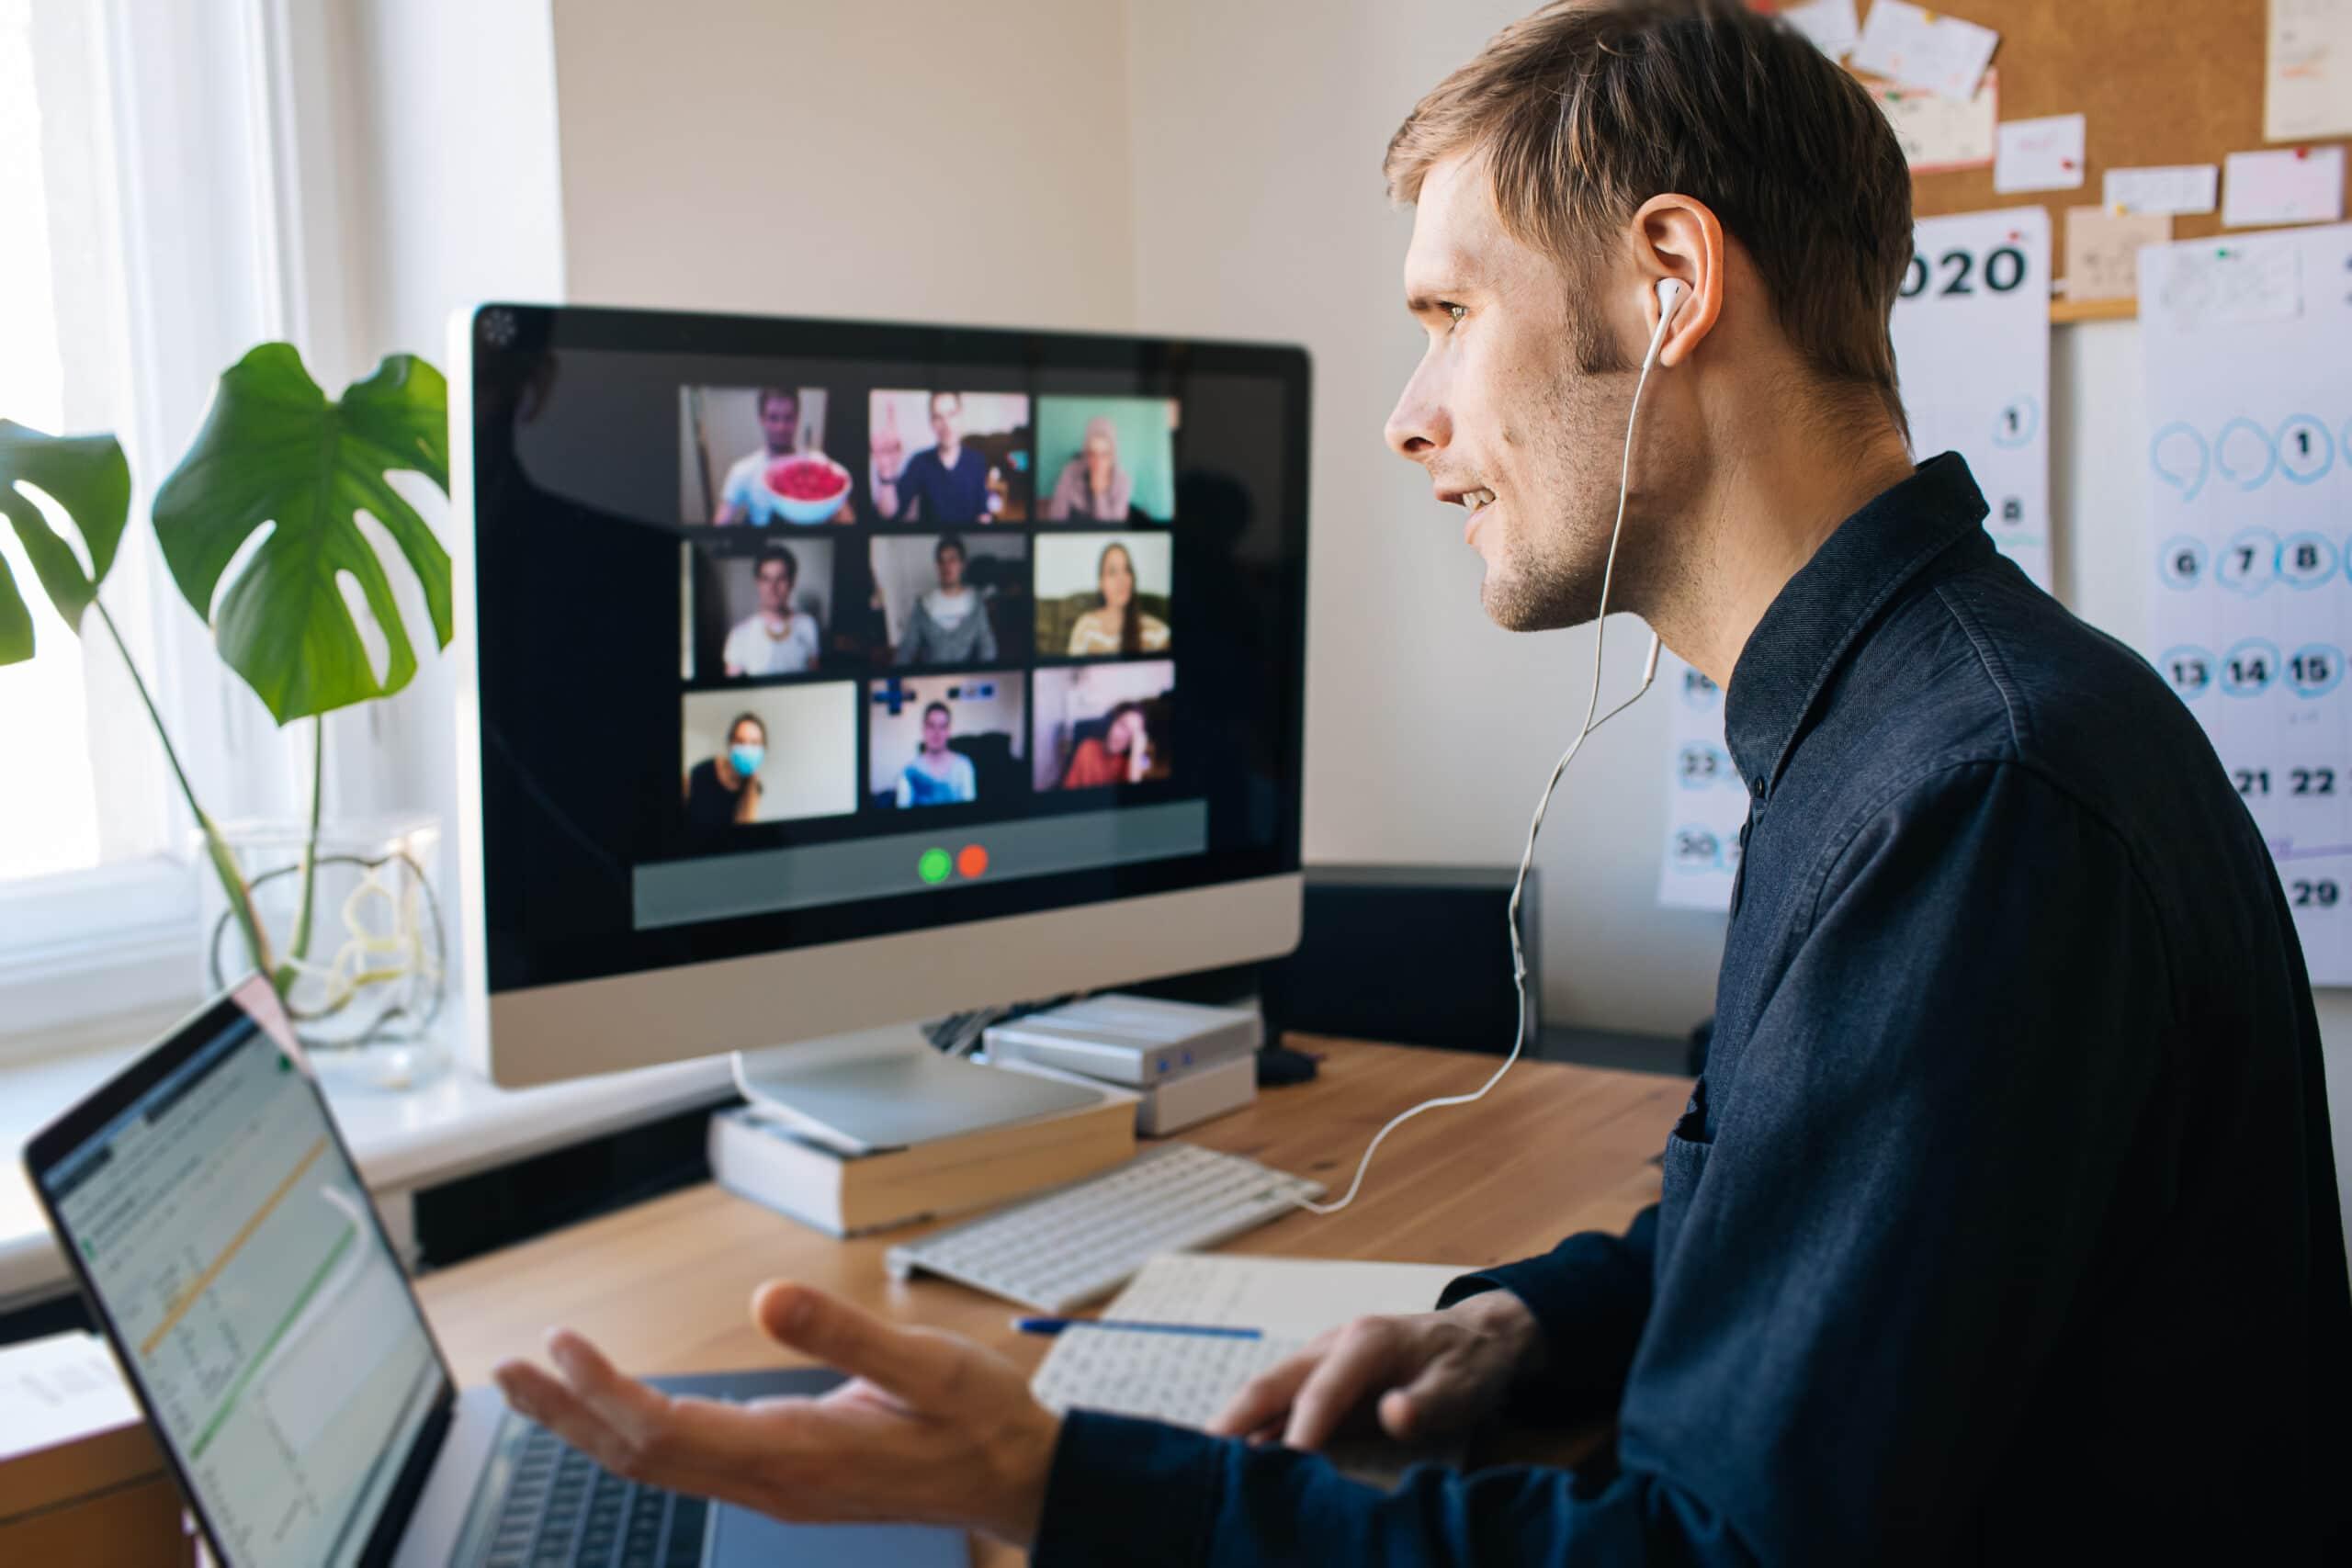 Man with earphones is in online meeting